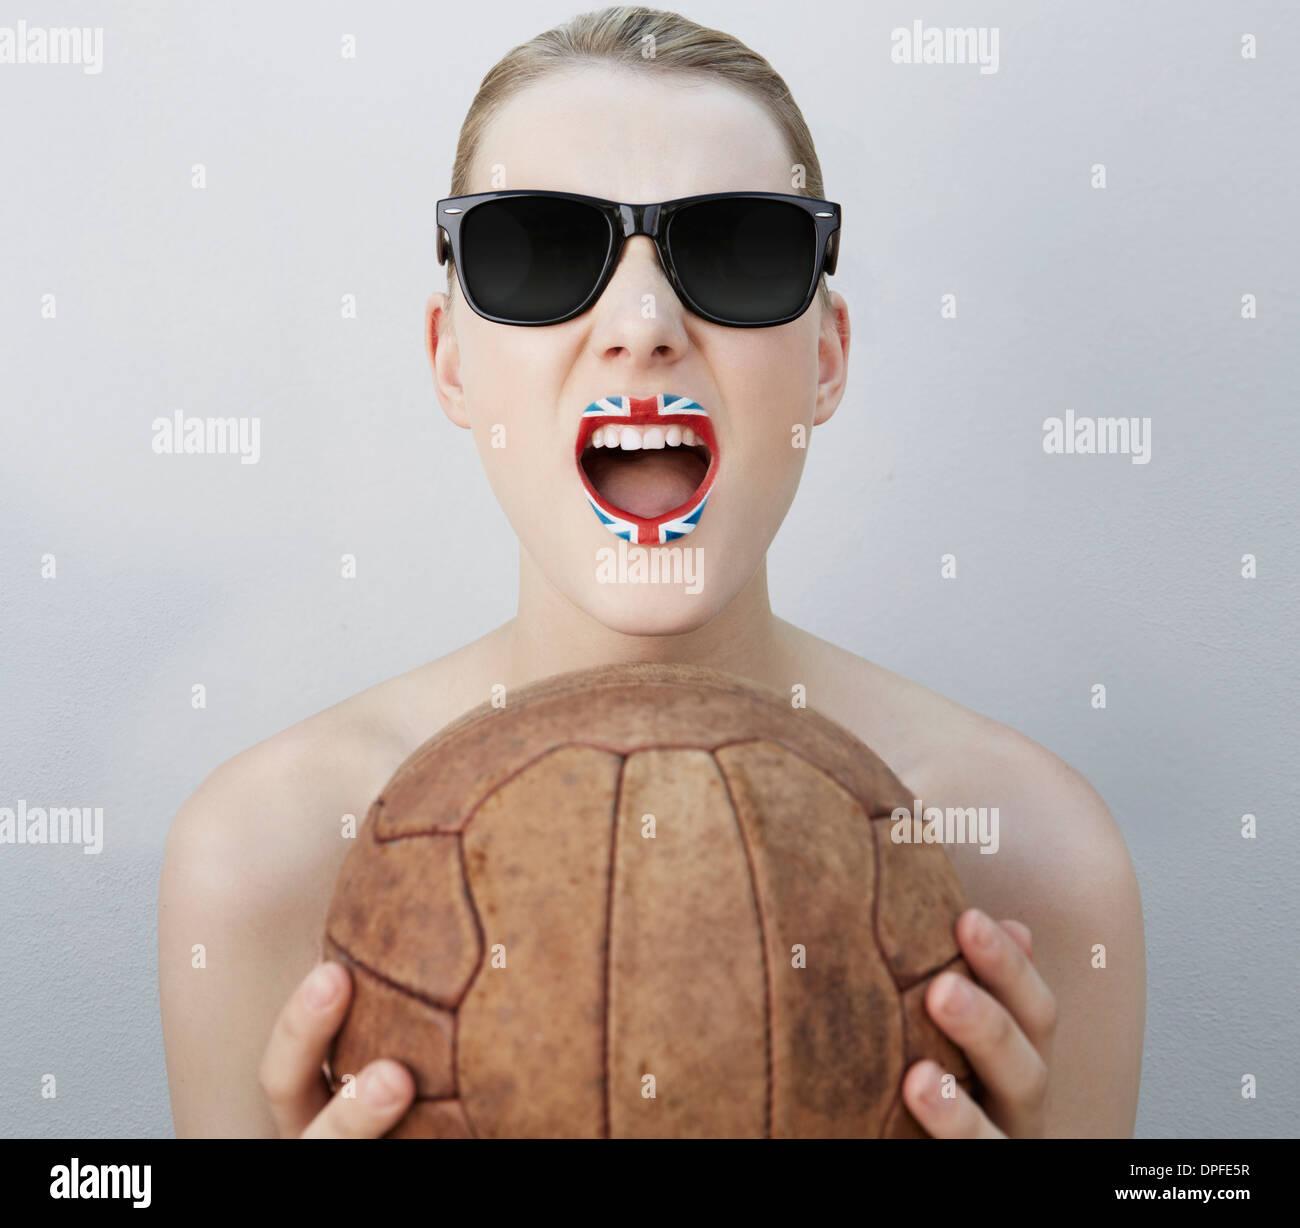 Frau mit britischer Flagge Lippenstift, mit Fußball Stockbild